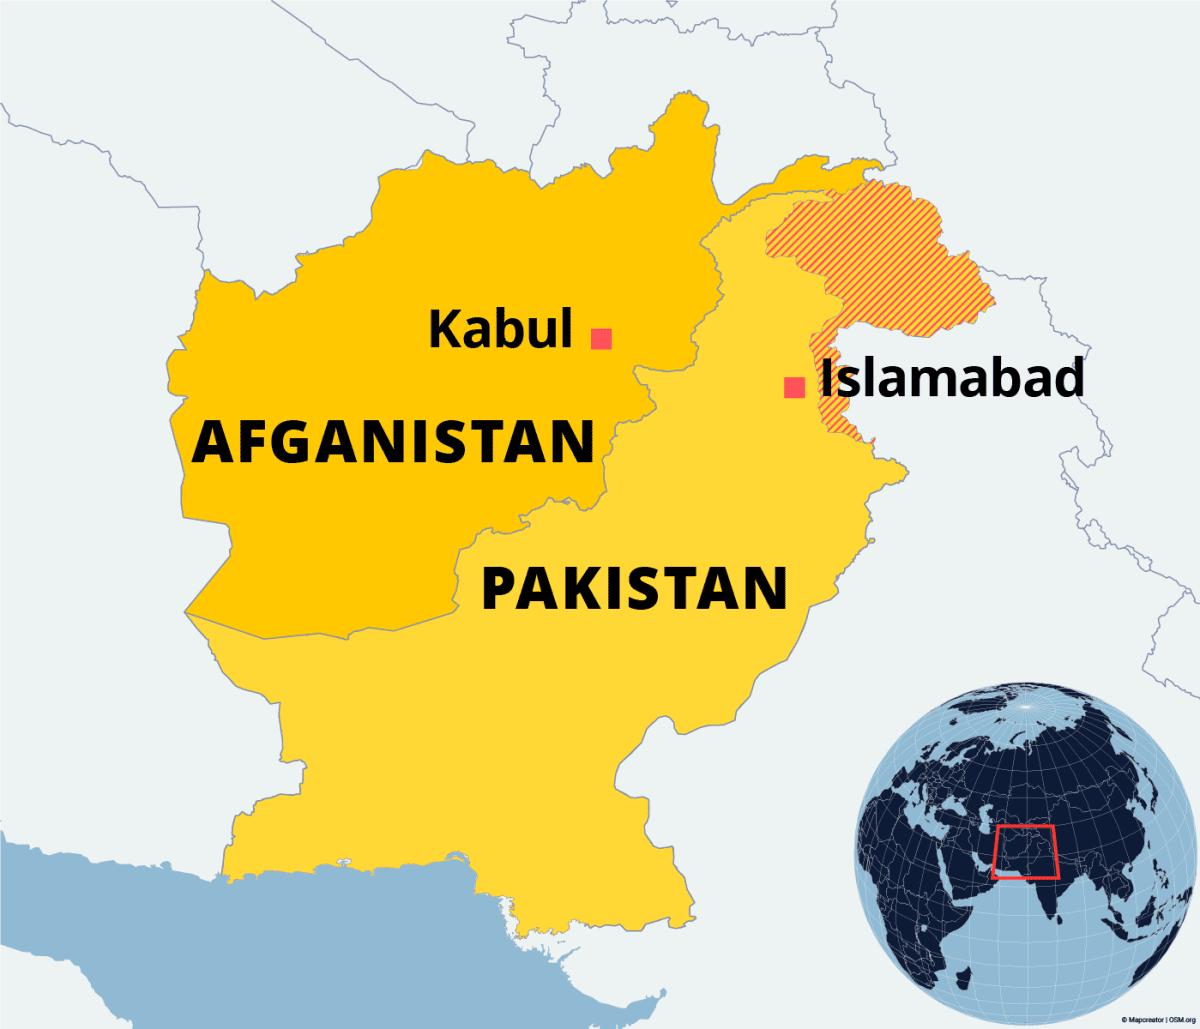 Kartalla Afganistan ja Pakistan.